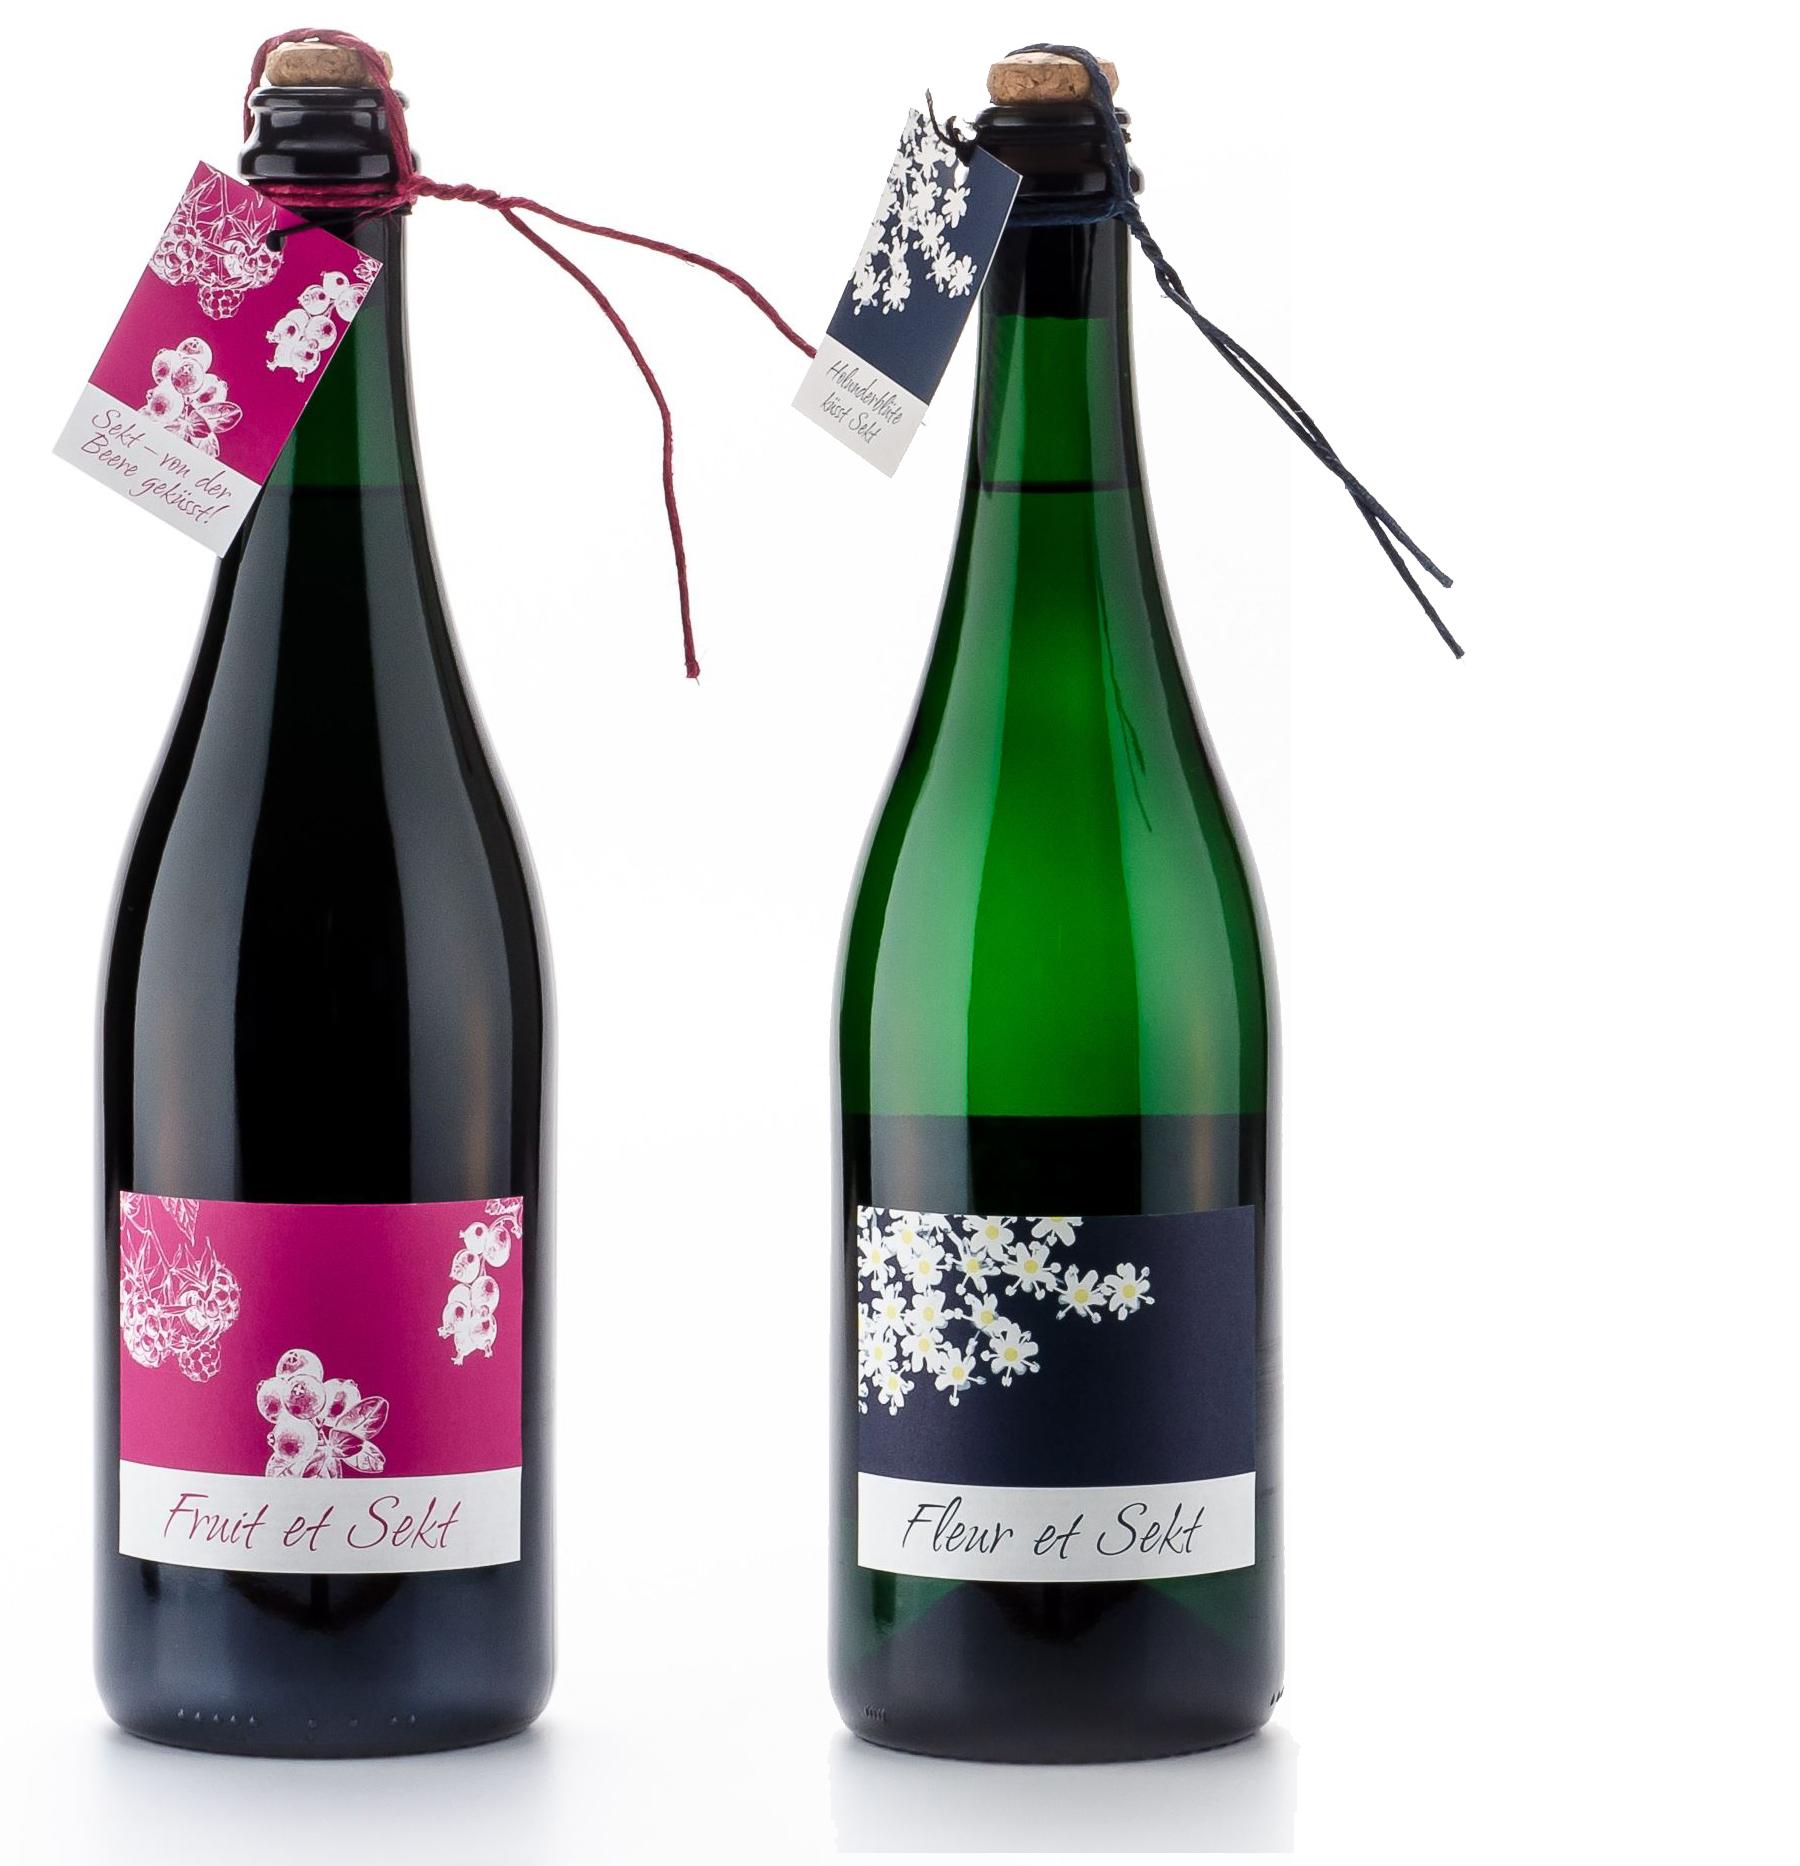 Produktgestaltung 2012: Fruit et Sekt / Fleur et Sekt